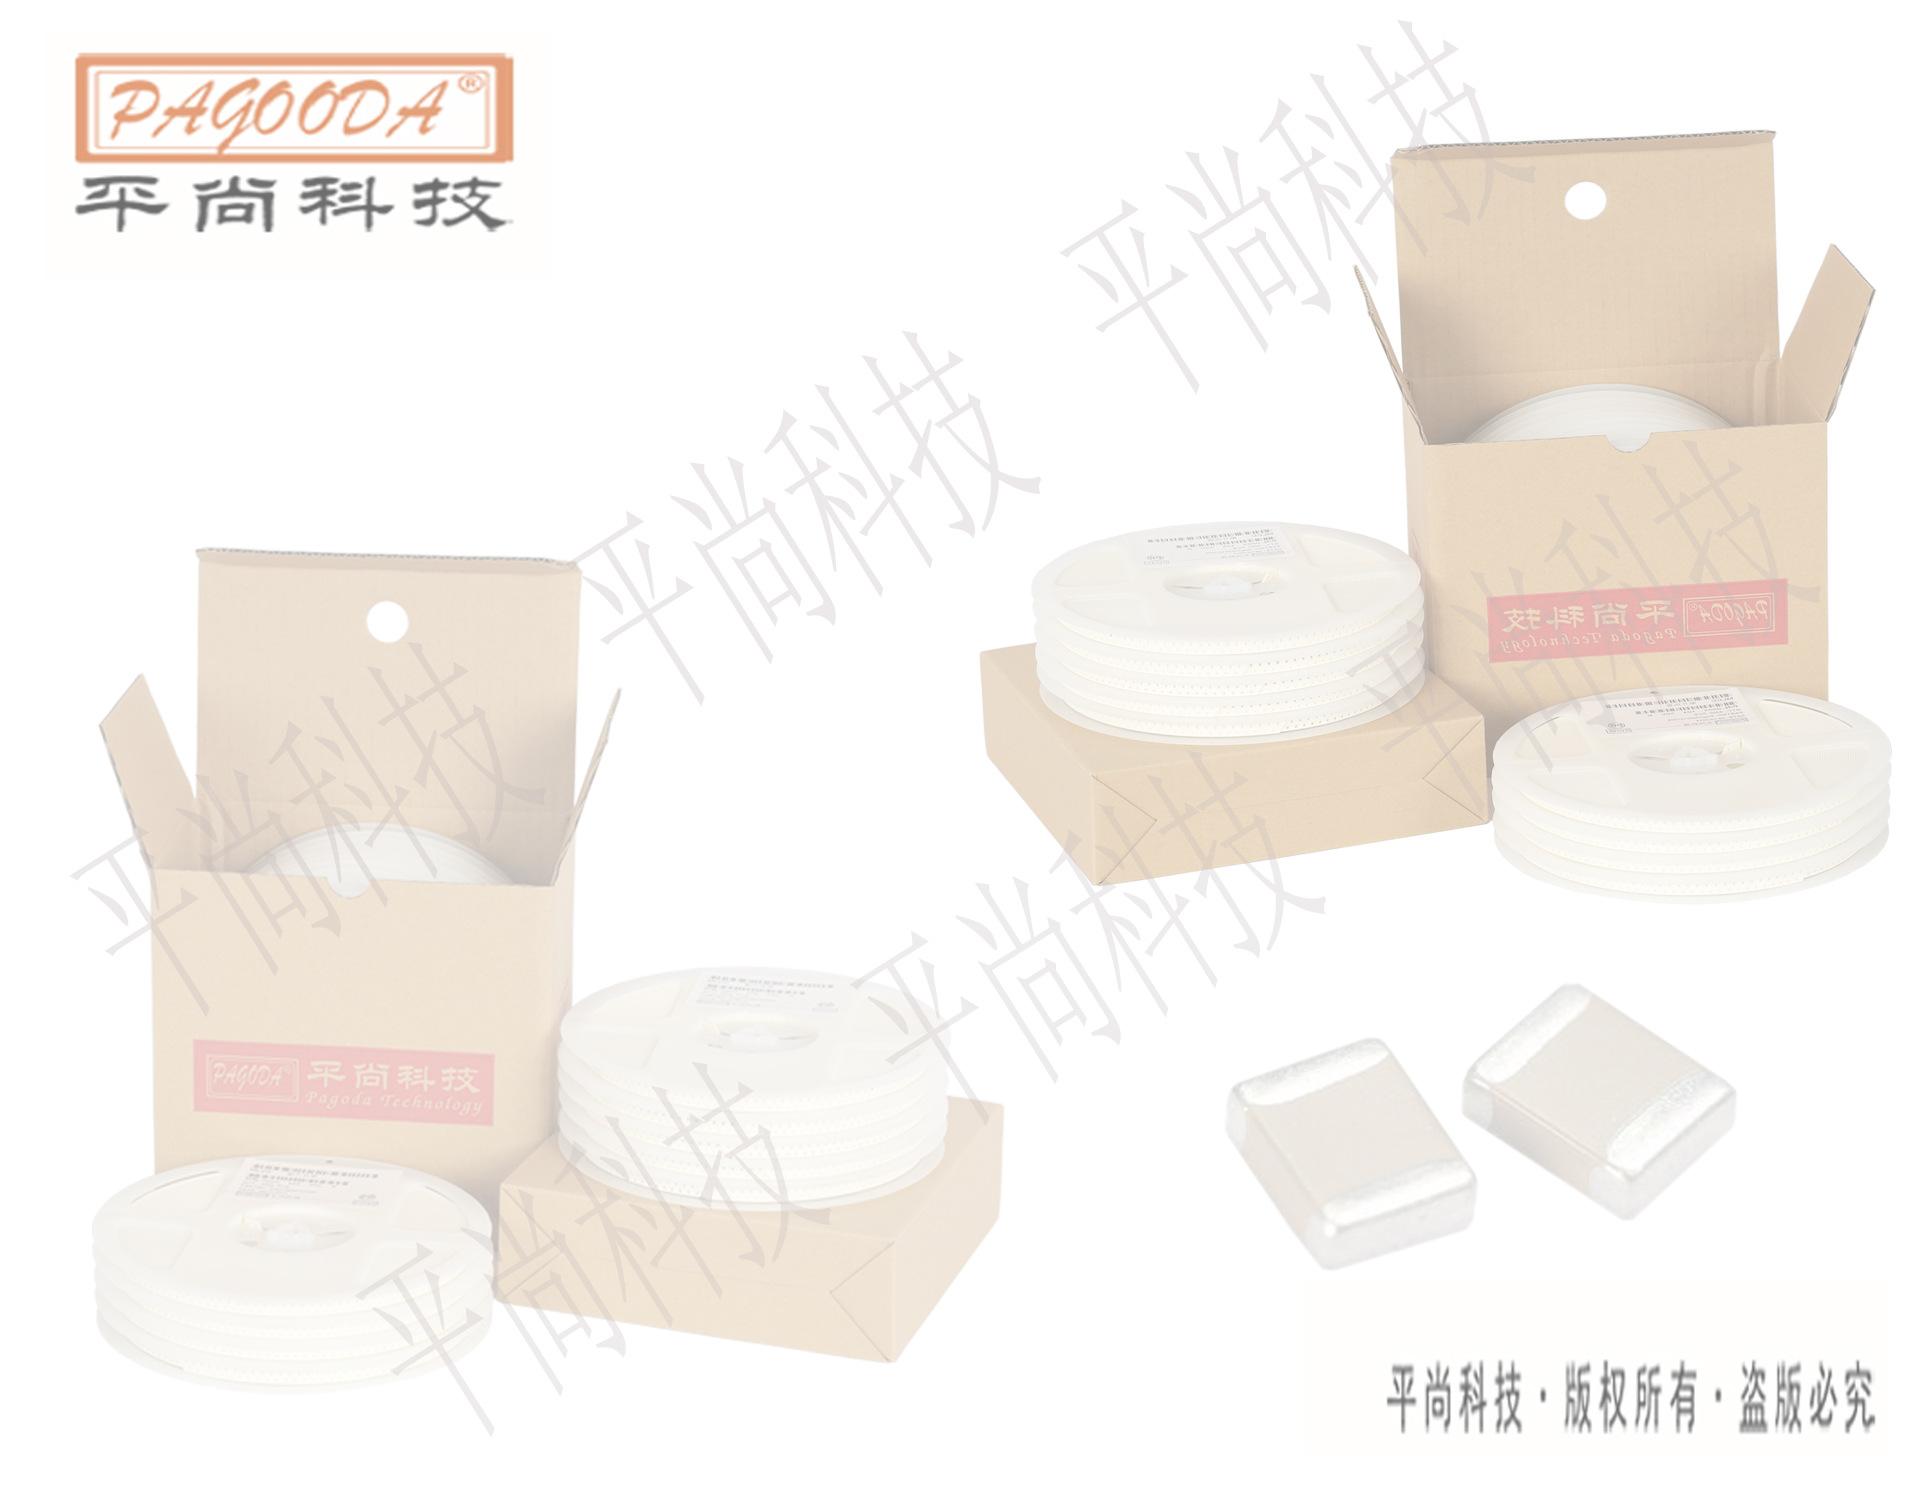 专业供应贴片陶瓷电容器0603 100NF 25V贴片电容器 厂家直销 正品